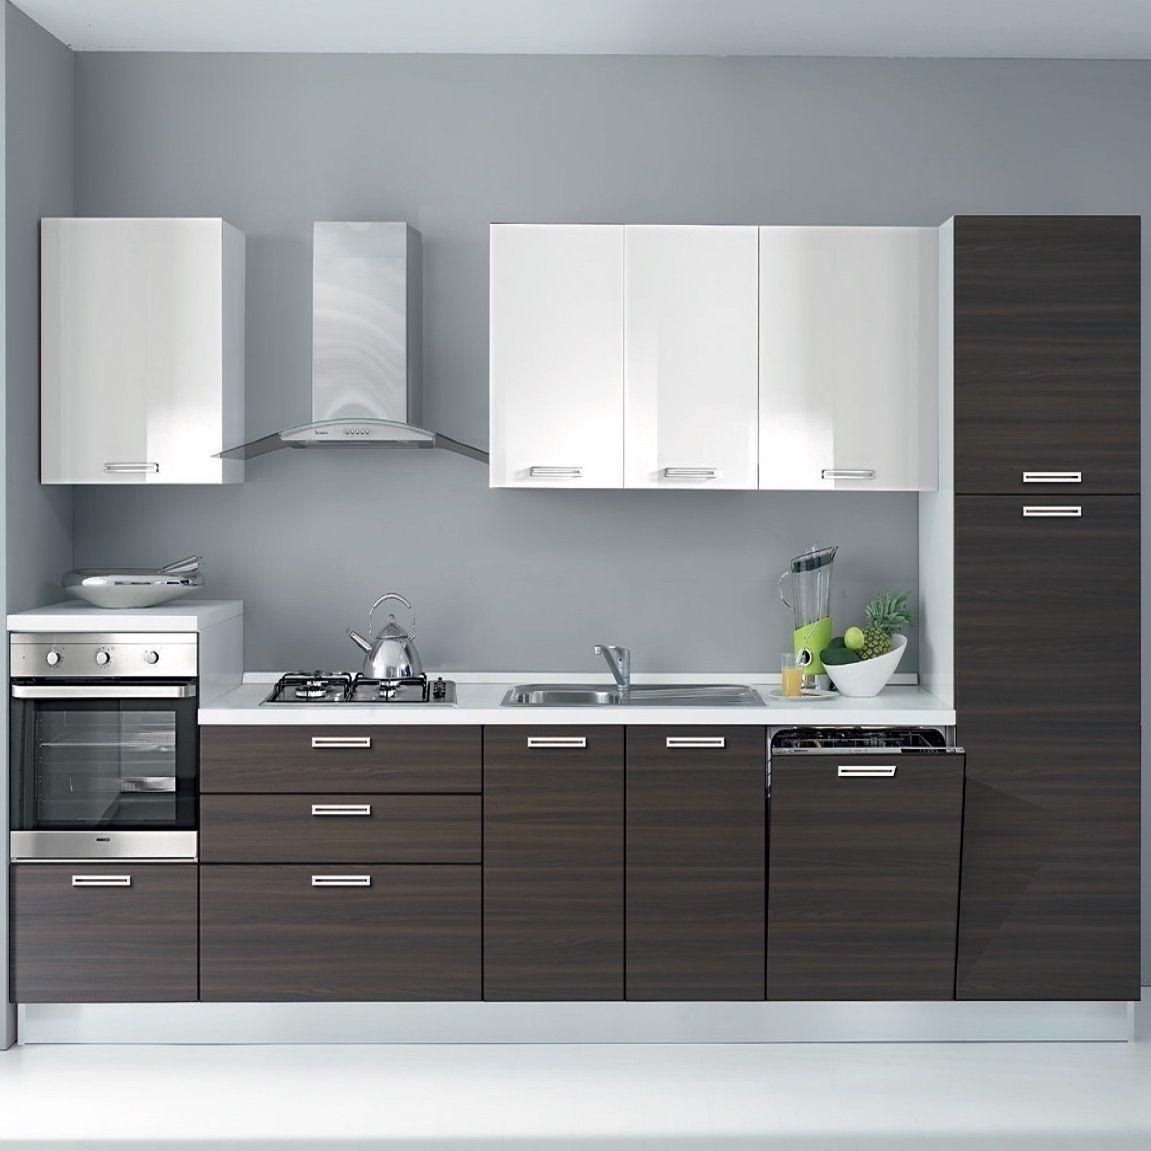 Cucine Moderne Lineari : Cucina kappa laccato lucido cucine a prezzi scontati